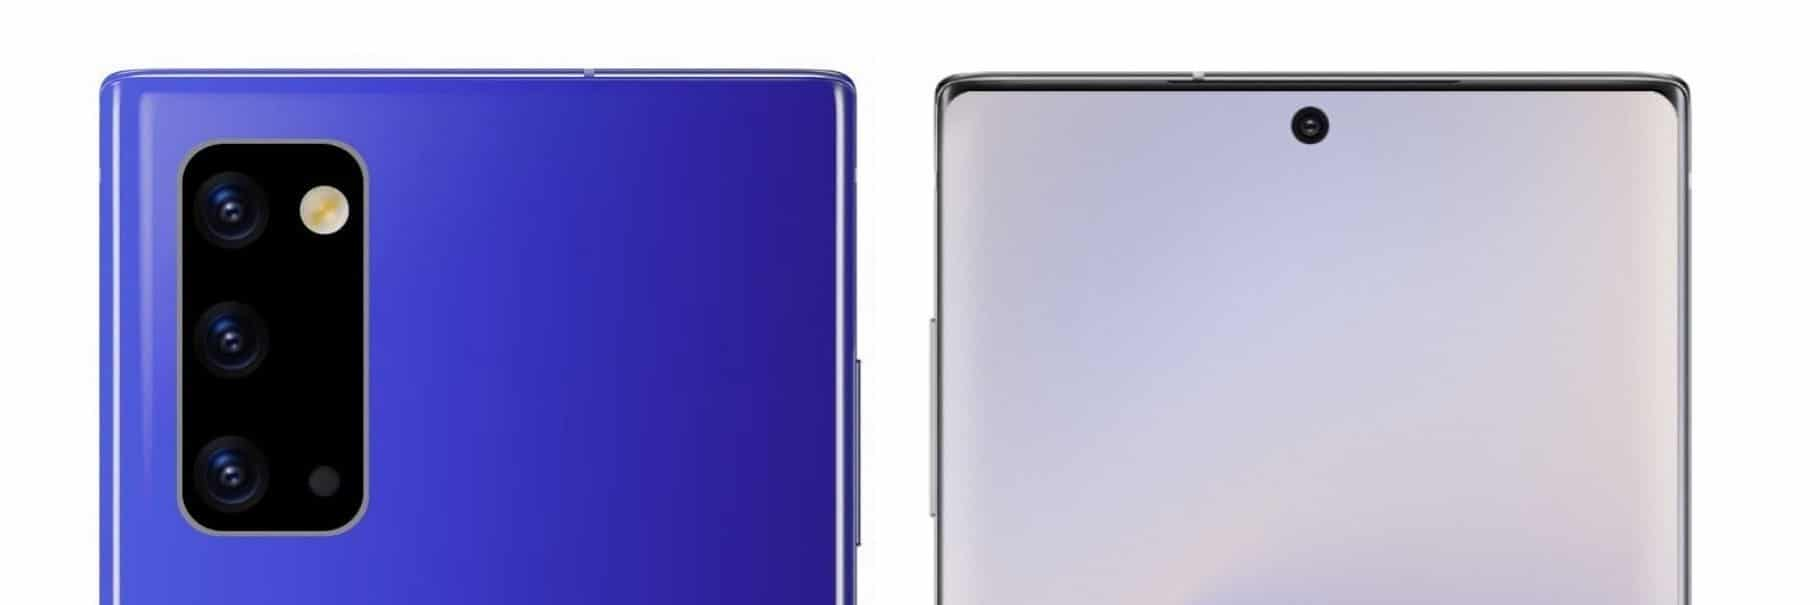 Galaxy Note 20, Samsung équiperait son Galaxy Note 20 d'une batterie de 4 000 mAh